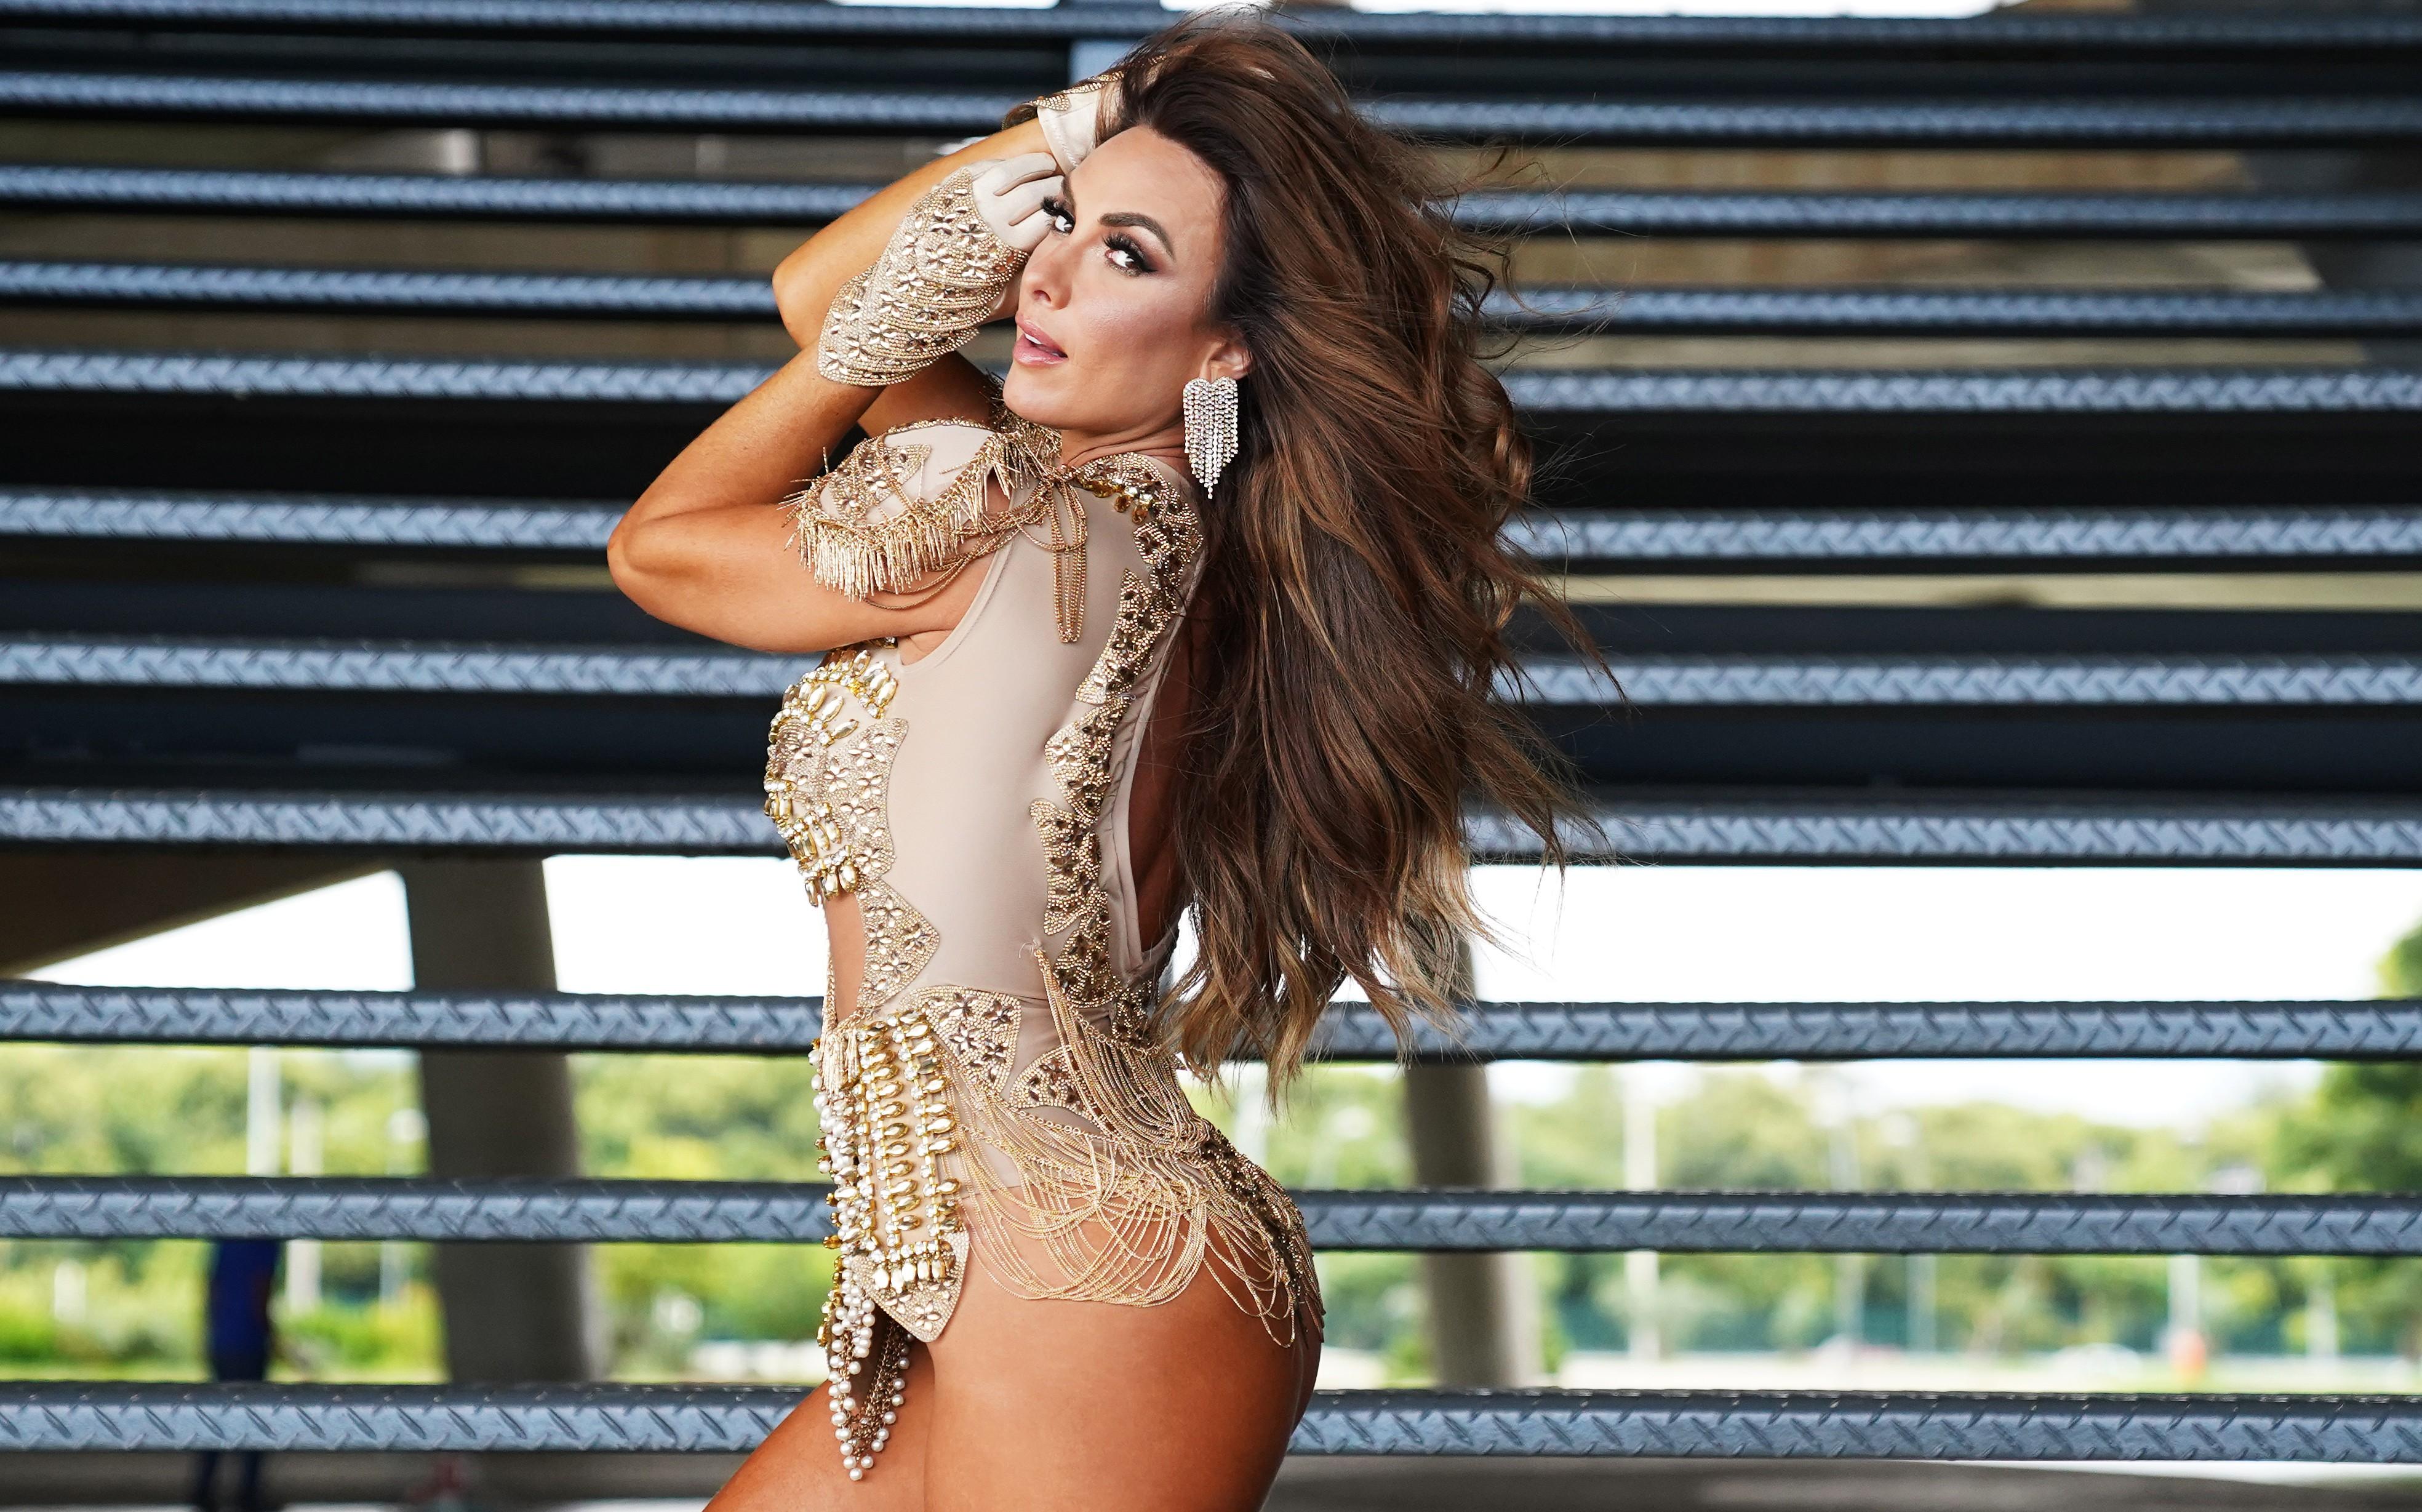 Nicole Bahls volta à Sapucaí como musa da Beija-Flor e lembra dica de Luma de Oliveira para desfilar: 'Chocolate'